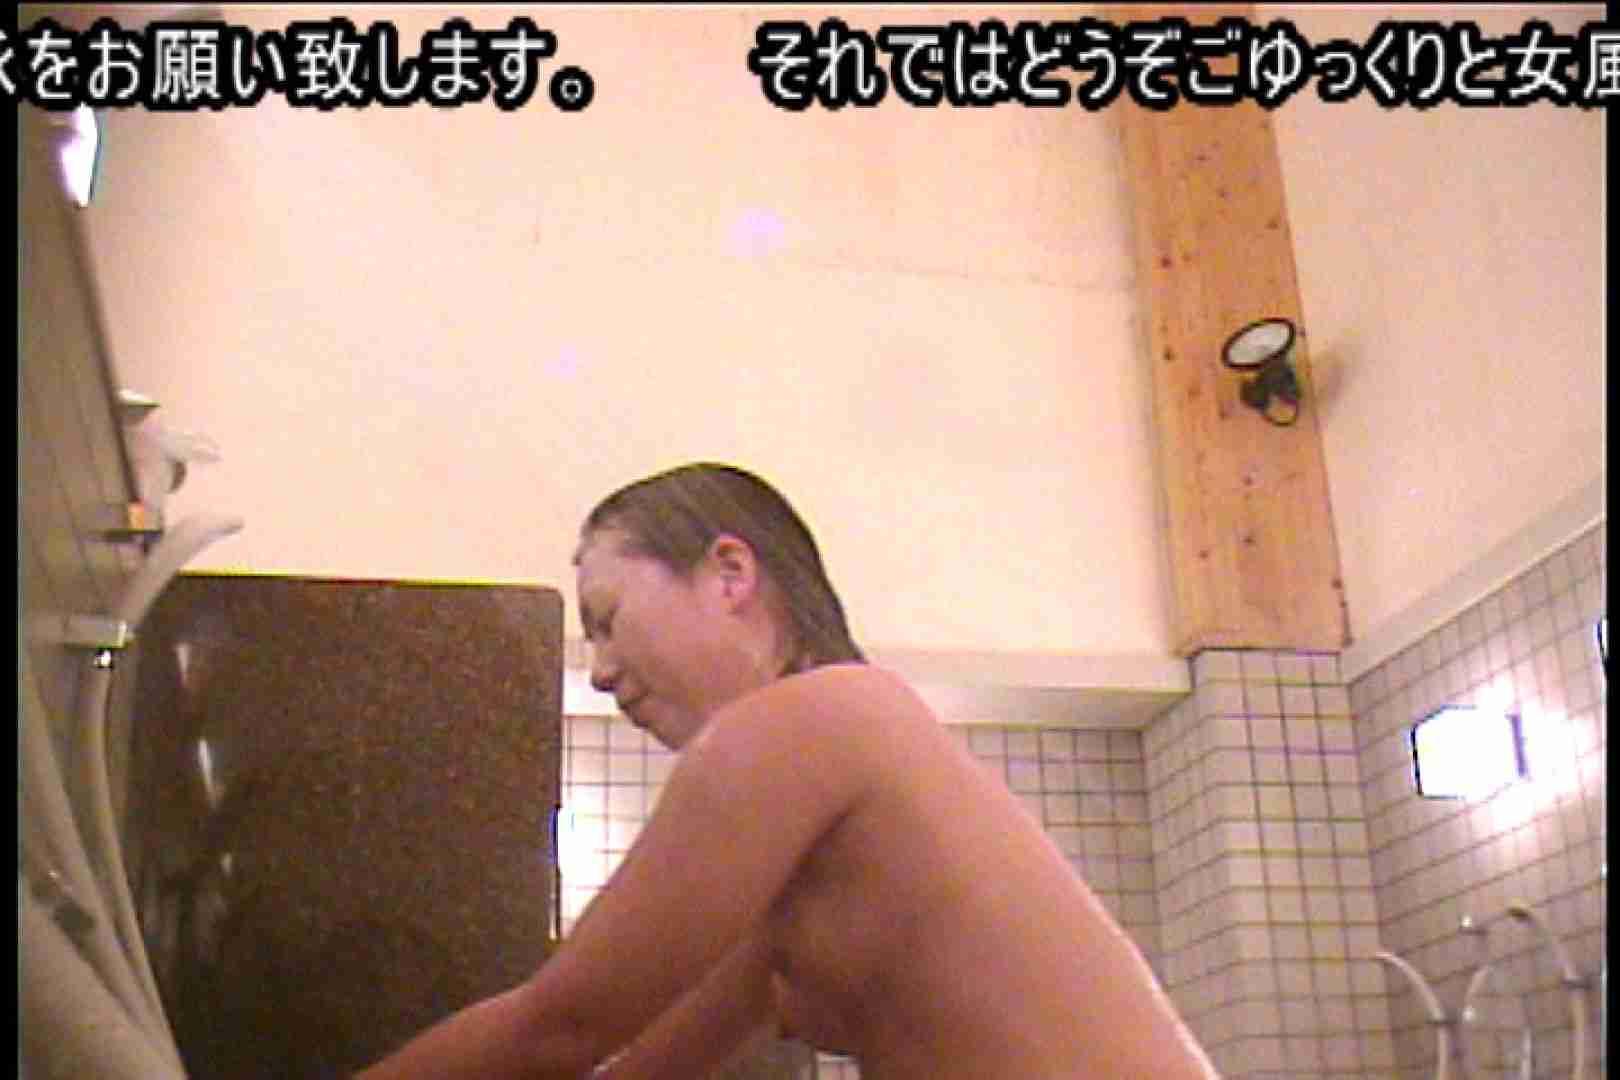 厳選潜入女風呂 No.17 潜入  69枚 1